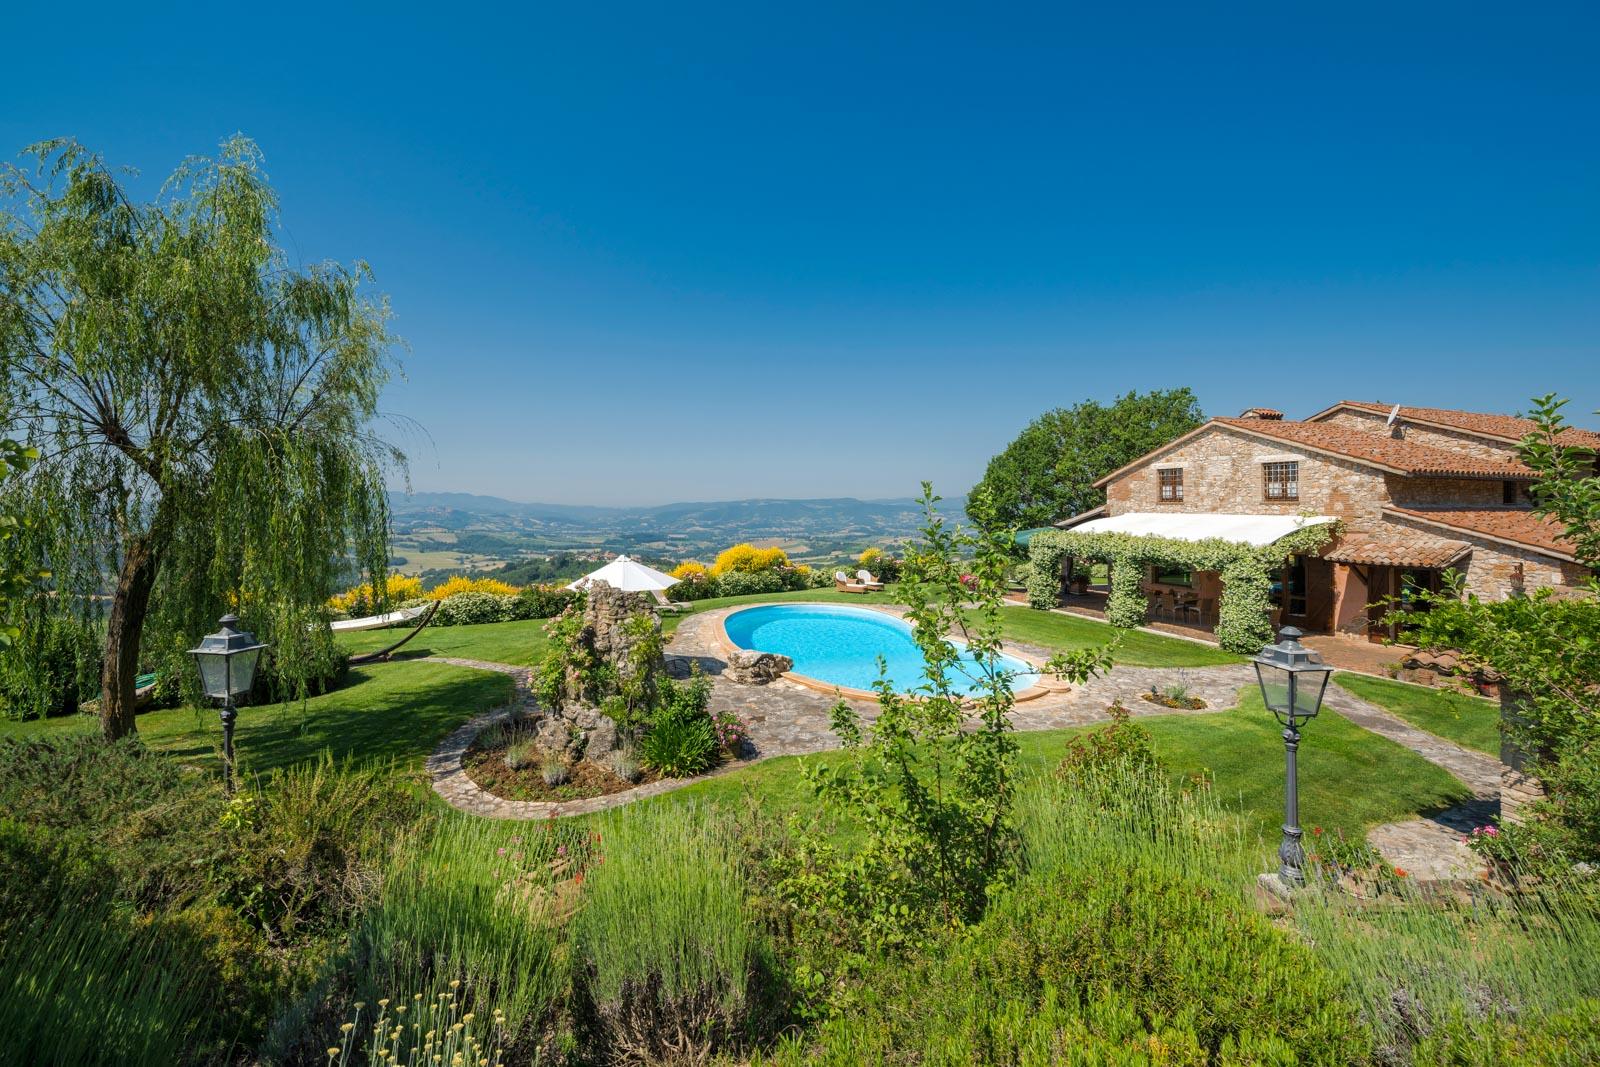 Splendida villa italiana con piscina e vista panoramica spettacolare su Todi